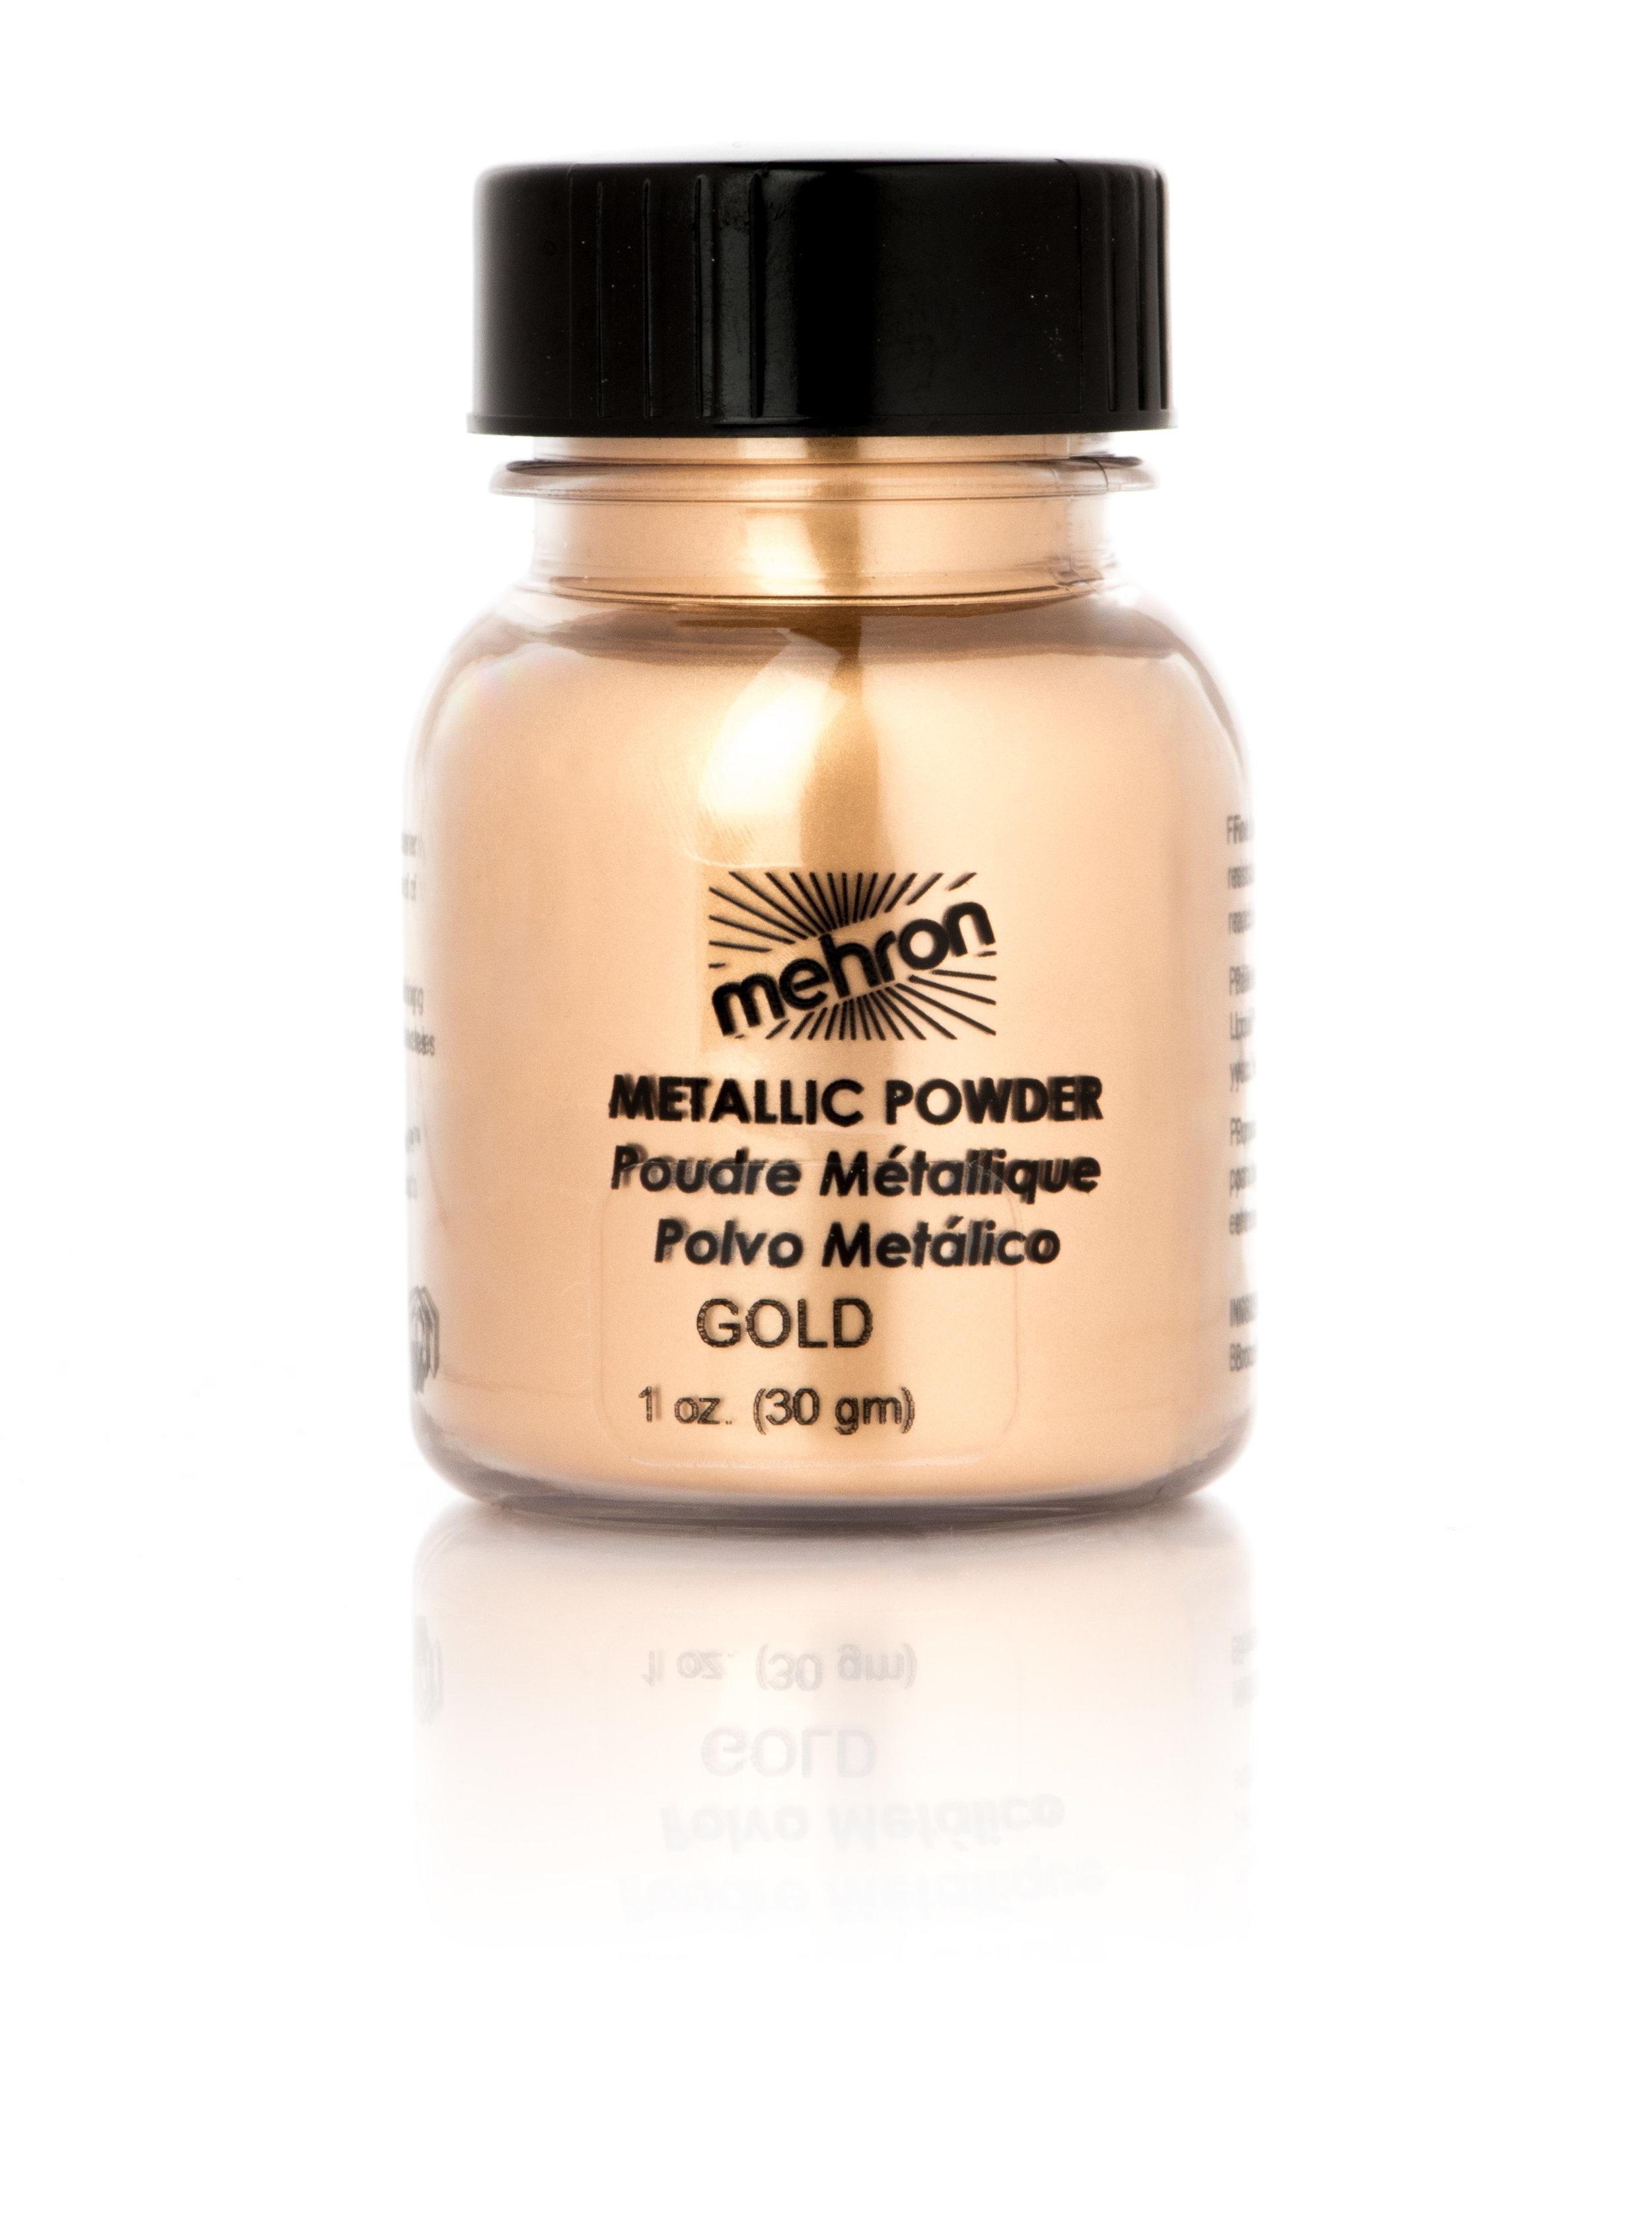 10. Mehron Makeup Metallic Powder in Gold $10.95 from www.mehron.com